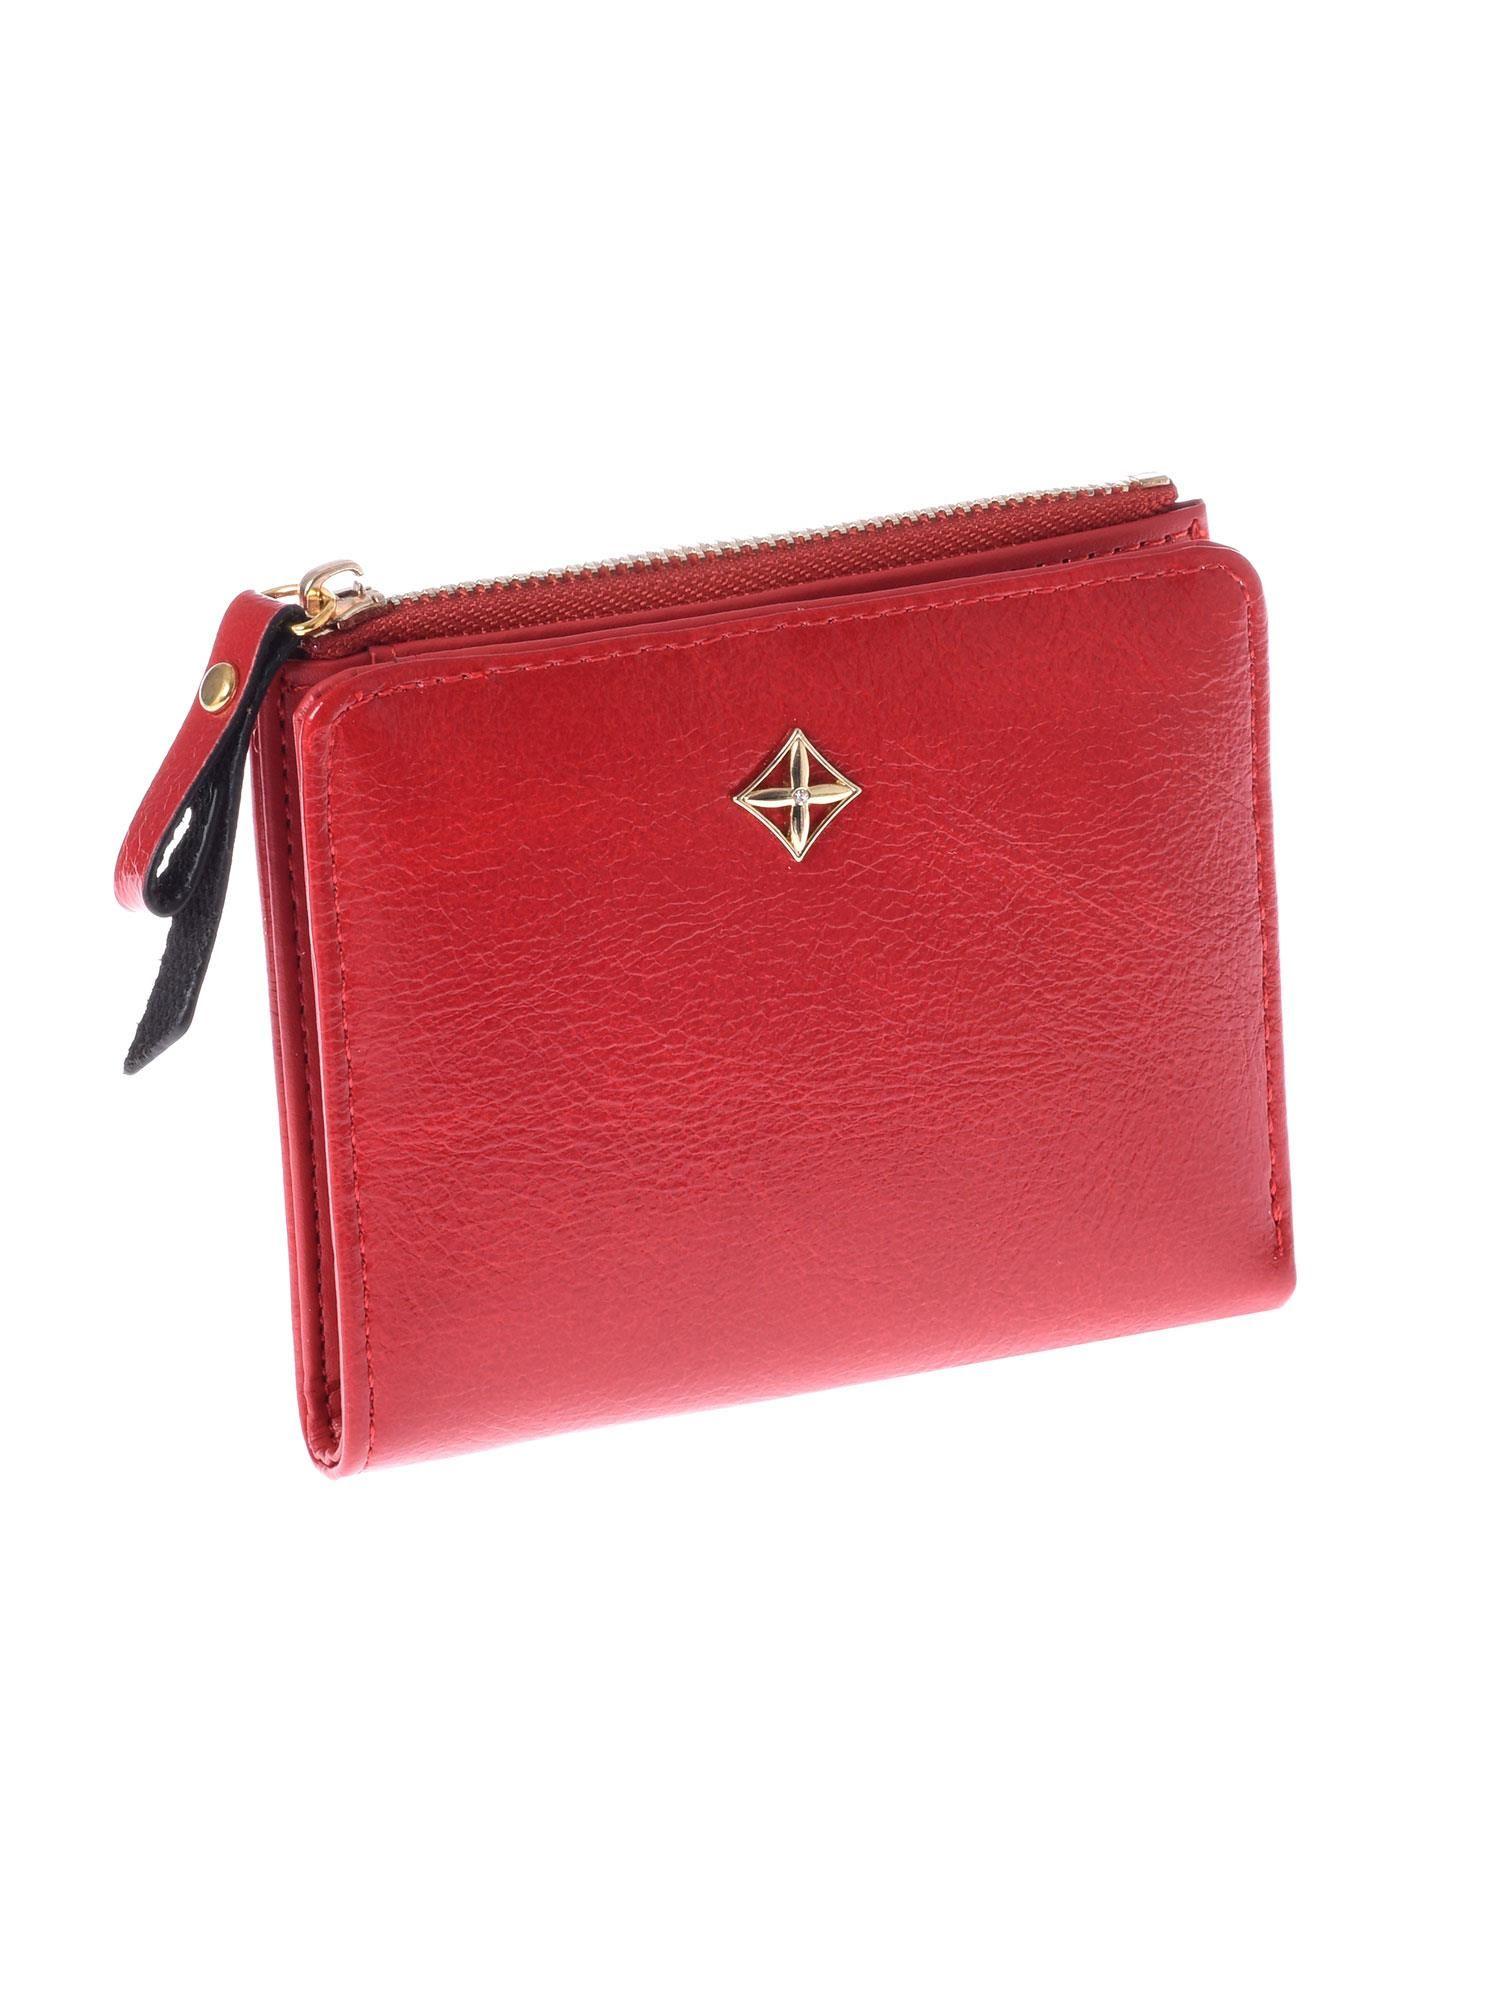 66db339ee1a1e Mały czerwony płaski portfel damski - Akcesoria portfele - sklep ...